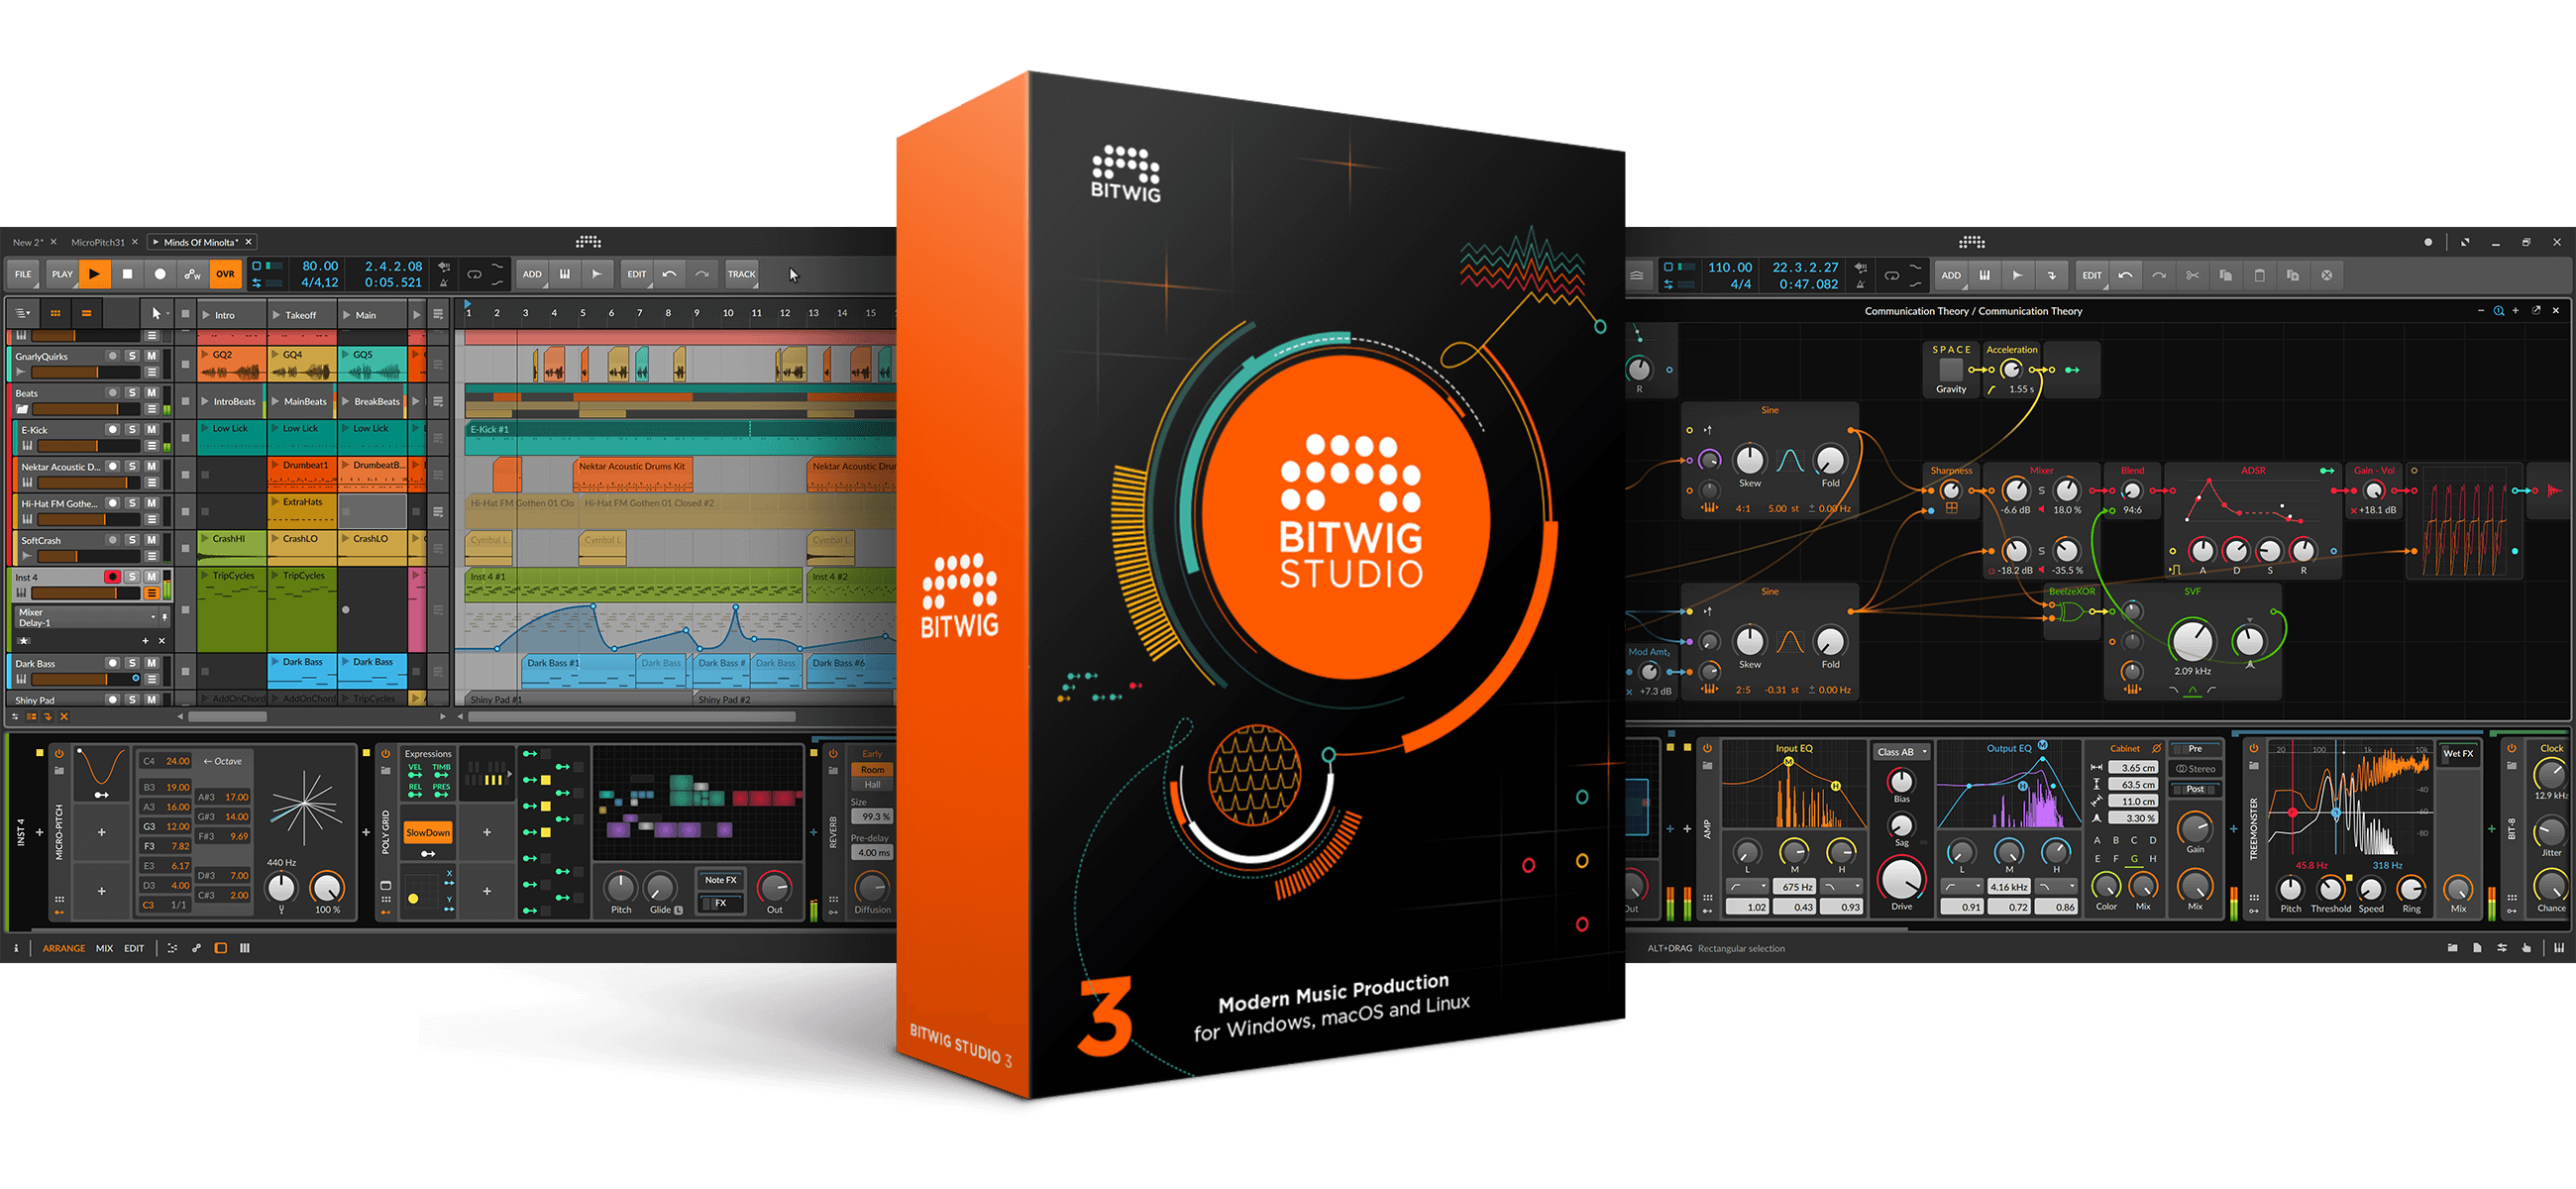 数字音乐制作工作站软件Bitwig Studio 3.3版发布(视频)